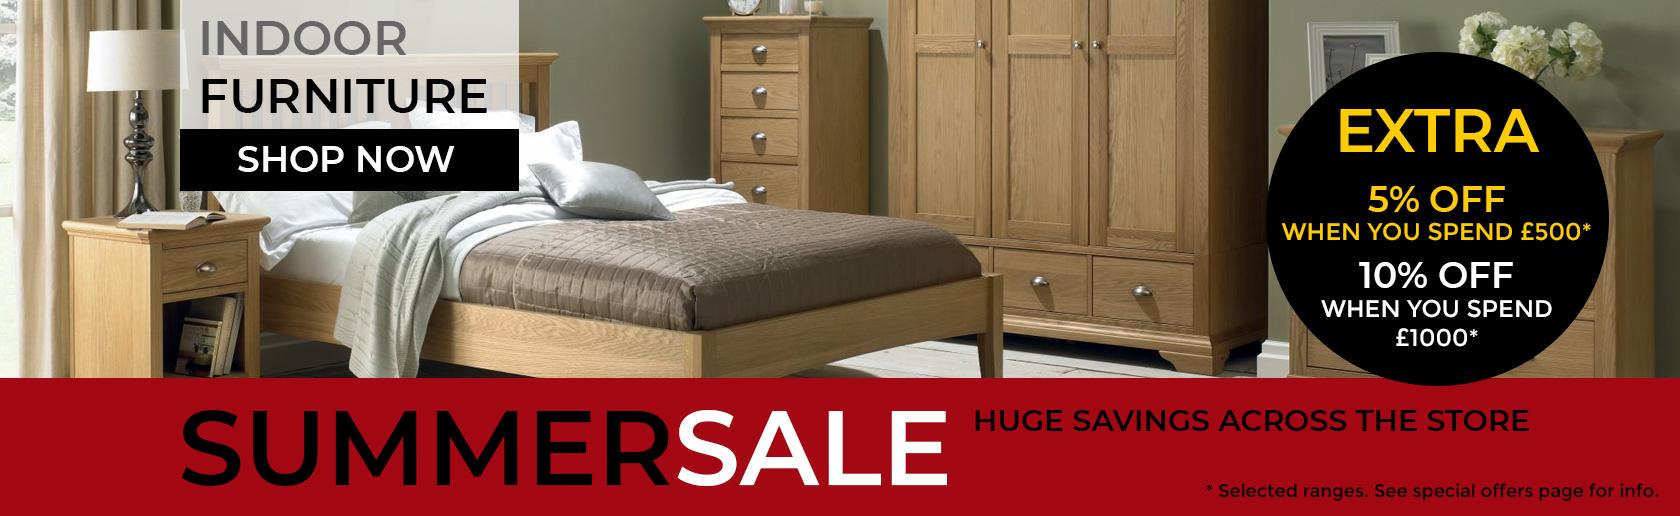 Indoor Furniture Summer Sale